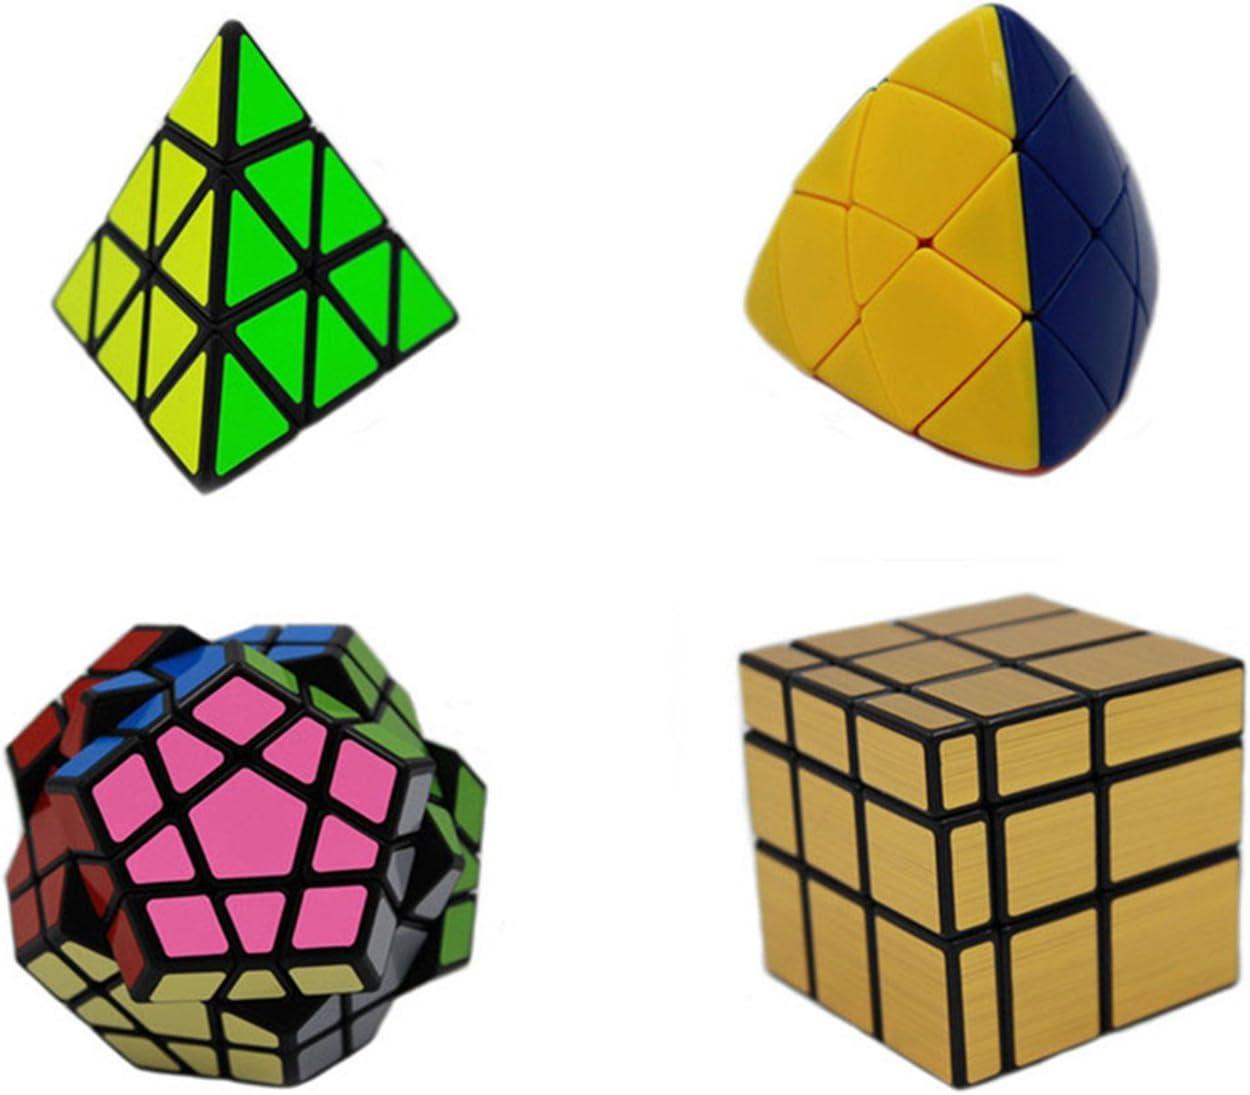 MEISHINE® 4 Pack Cubo Mágico Dorado Mirror Cube,Megaminx,Pyraminx,Mastermorphix Cubo Mágico Inteligencia Mágico Cubo de la Velocidad Juego de Puzzle Cube Speed Magic Cube Stickerless: Amazon.es: Juguetes y juegos